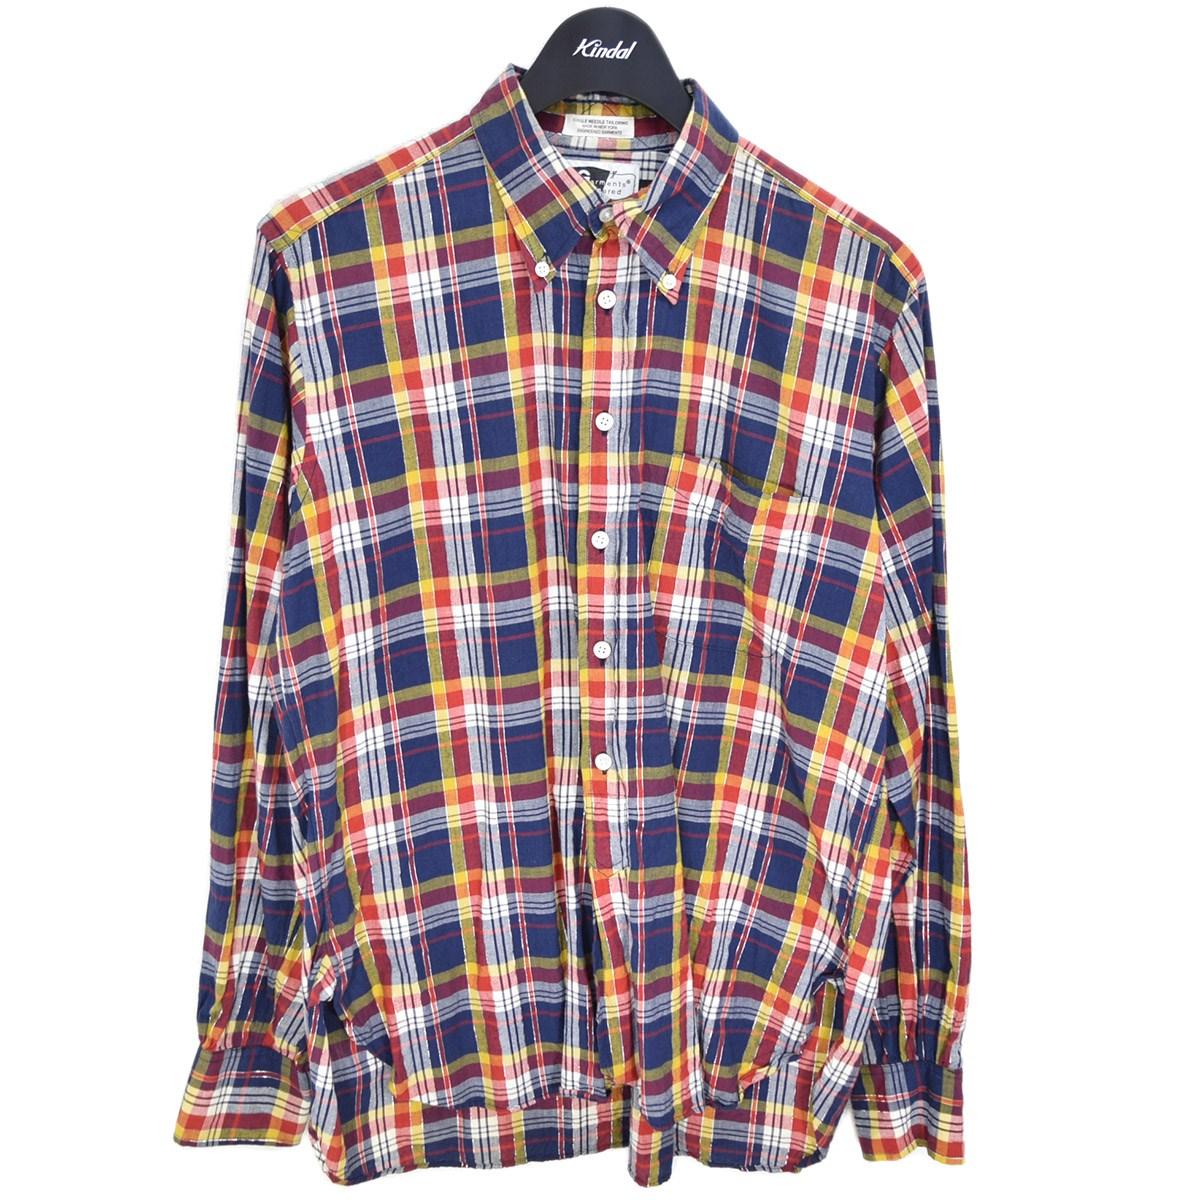 エンジニアードガーメンツ 中古 Engineered Garments 年間定番 SINGLE チェックボタンダウンシャツ NEEDLE 151020 ネイビー×レッド サイズ:S 早割クーポン